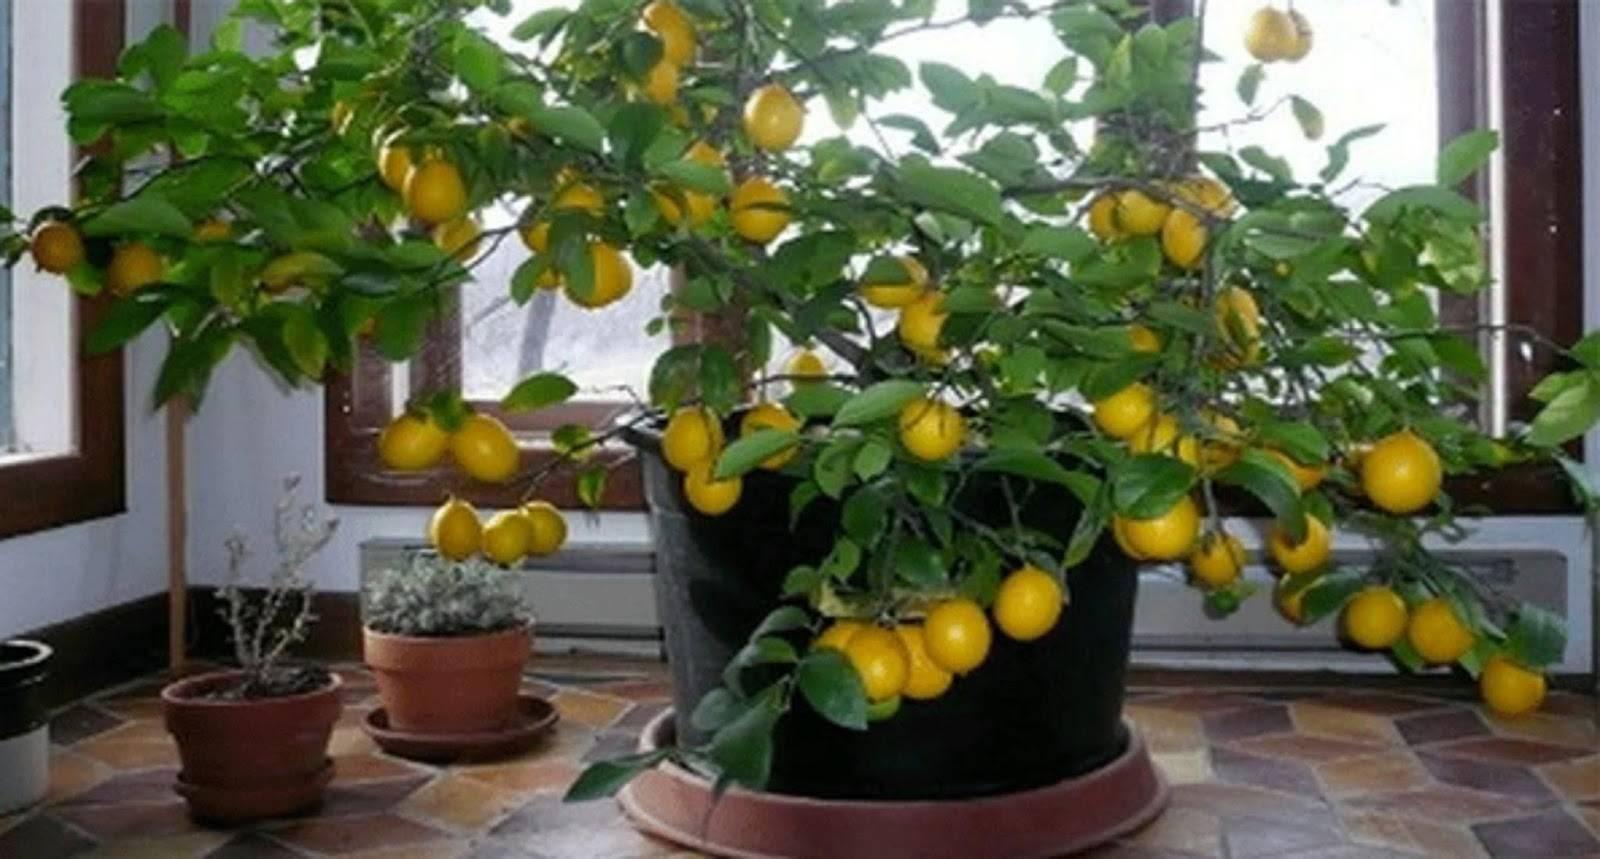 Удобрения для комнатных цветов в домашних условиях: 20 натуральных подкормок!